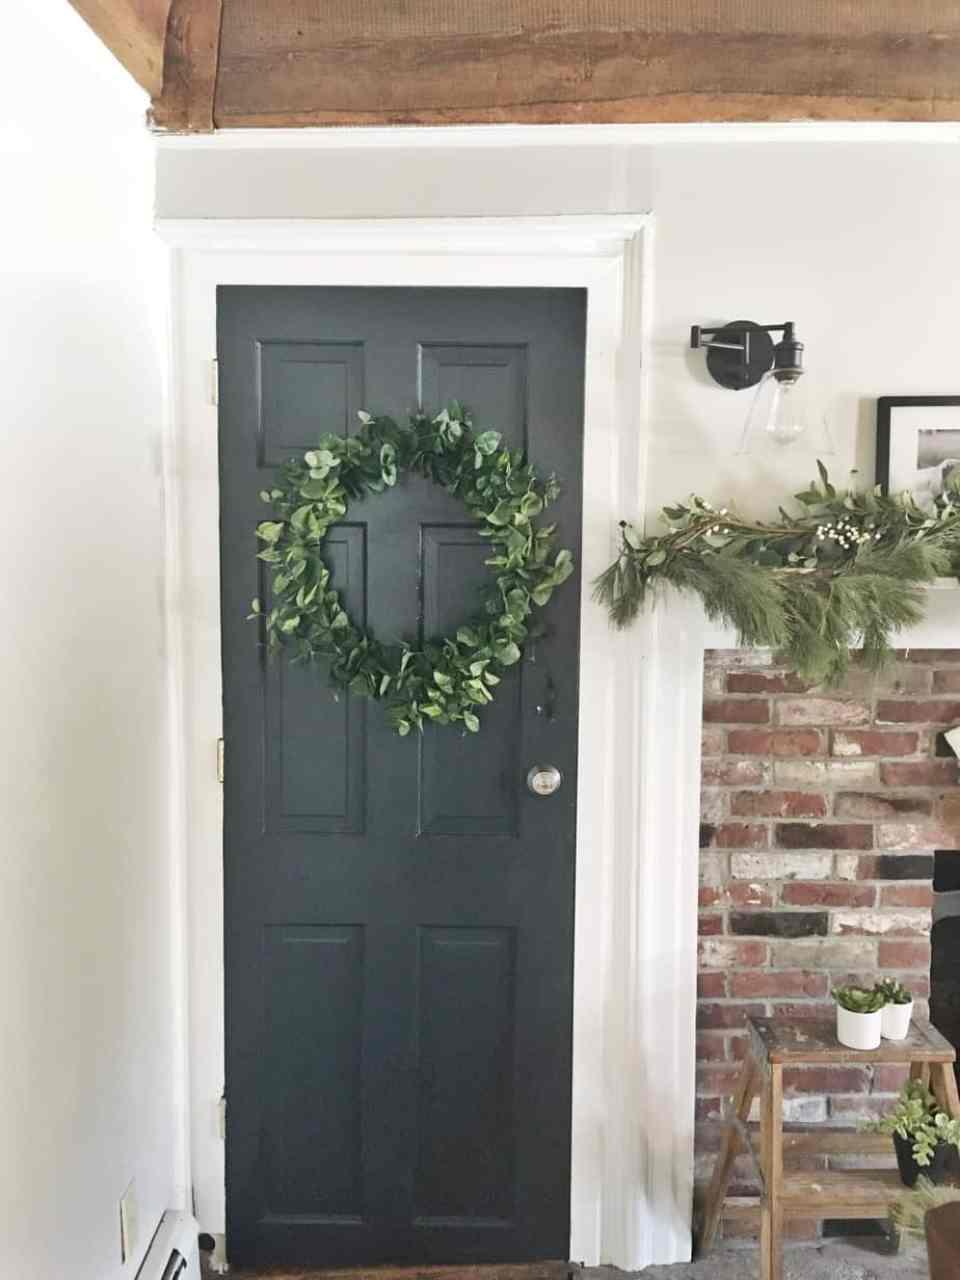 The Eucalyptus wreath on a grey door in the house.